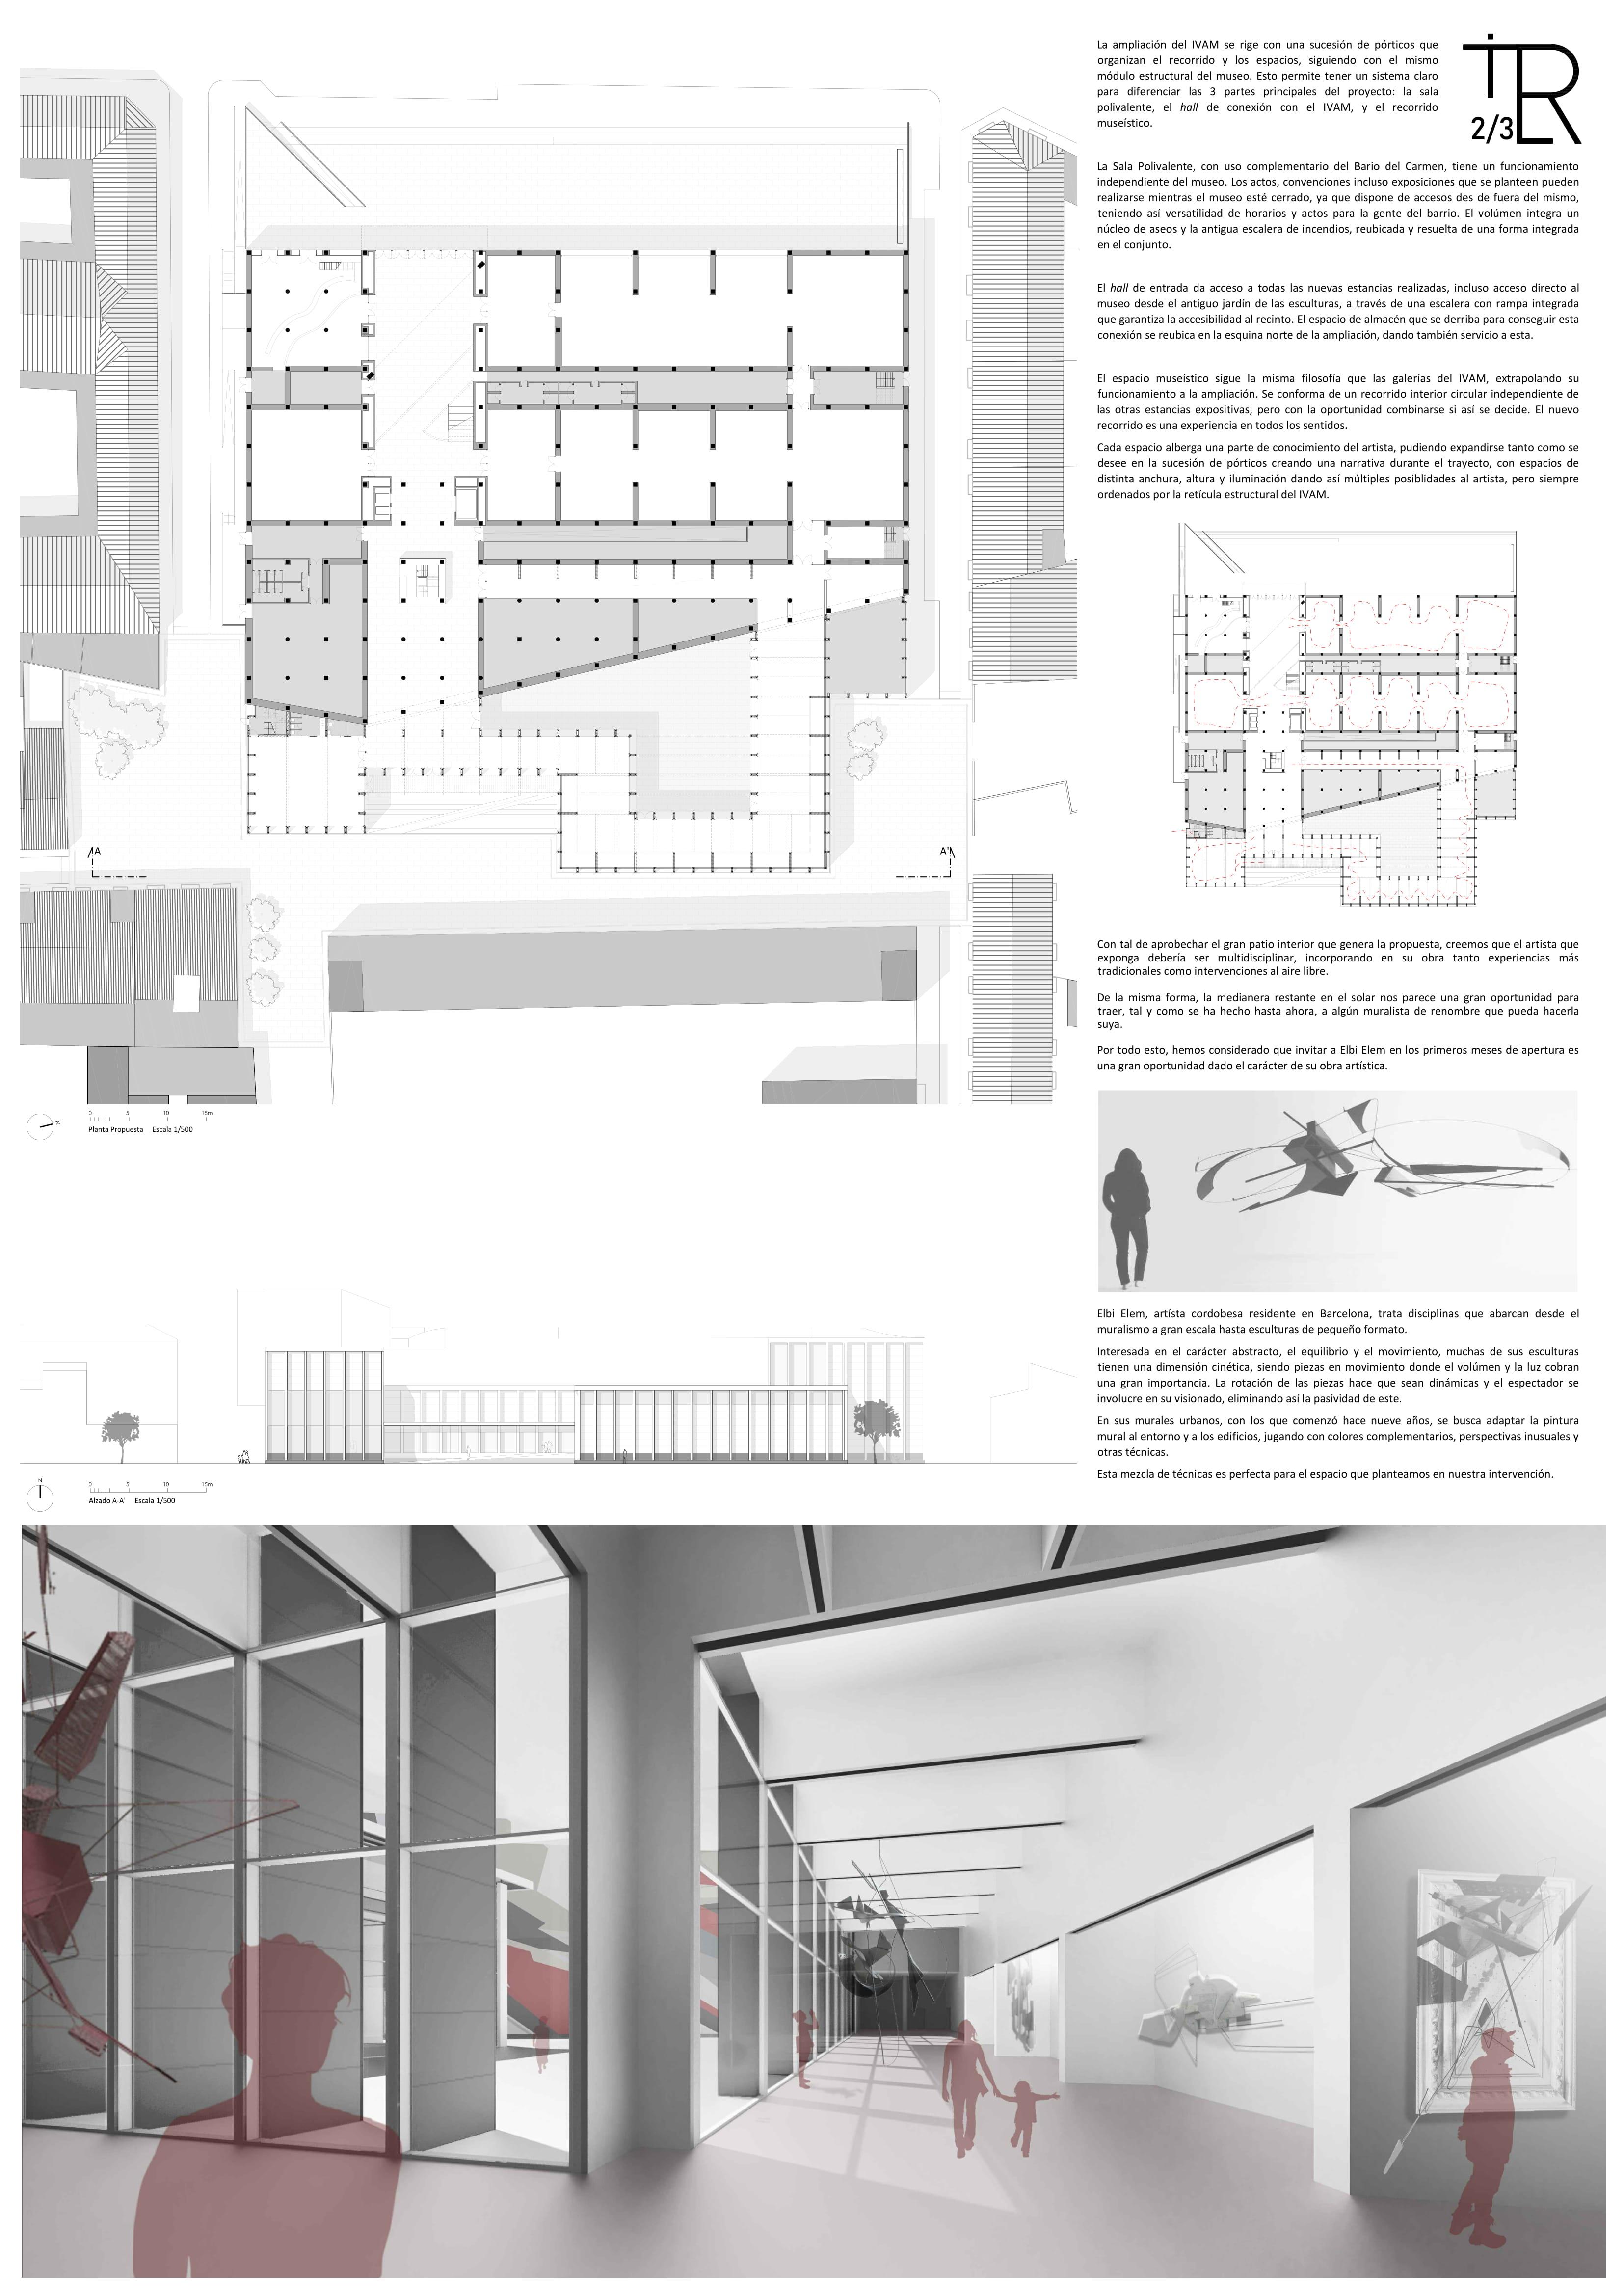 2020_E30_ITER (2)-1